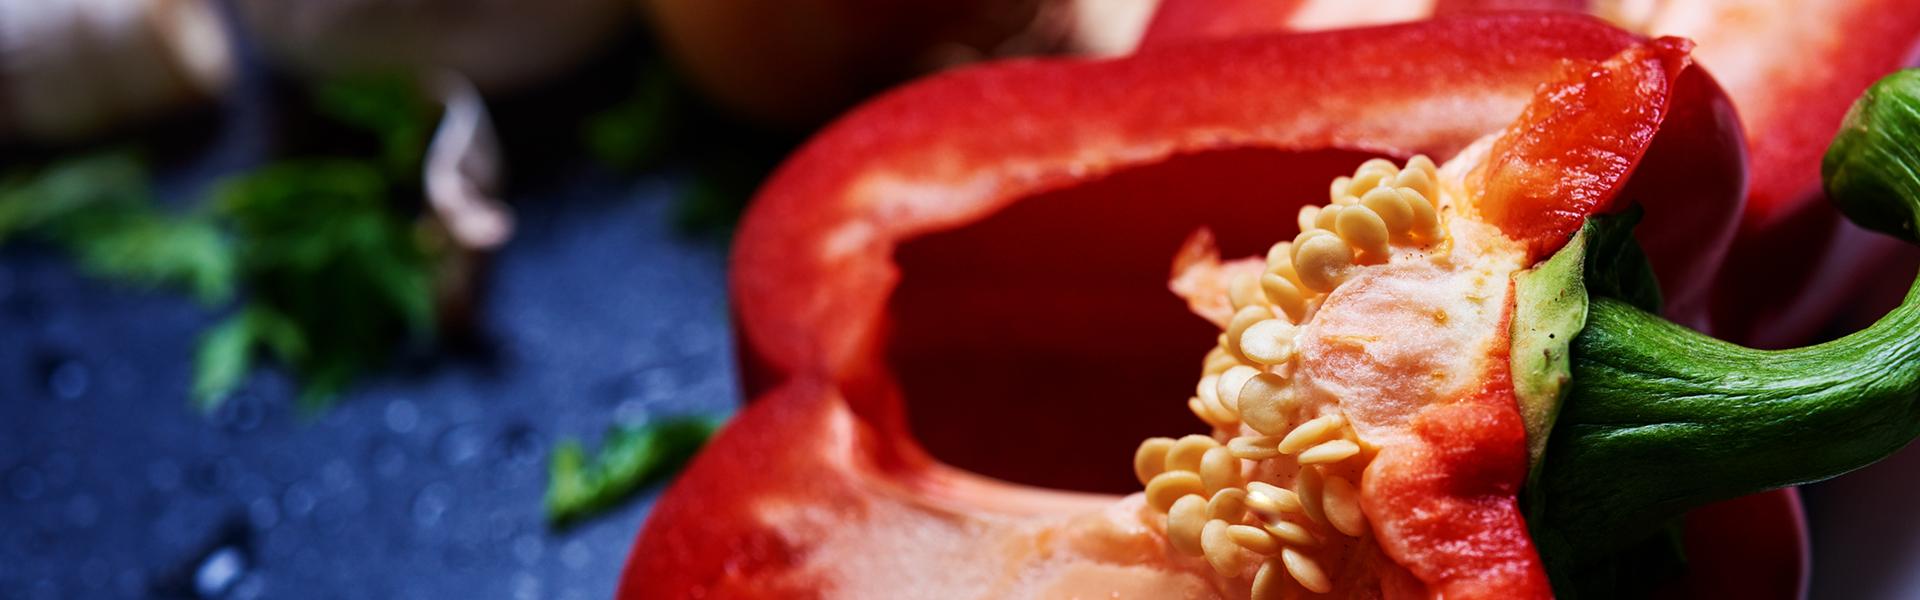 6 produktów spożywczych, które wzmacniają odporność